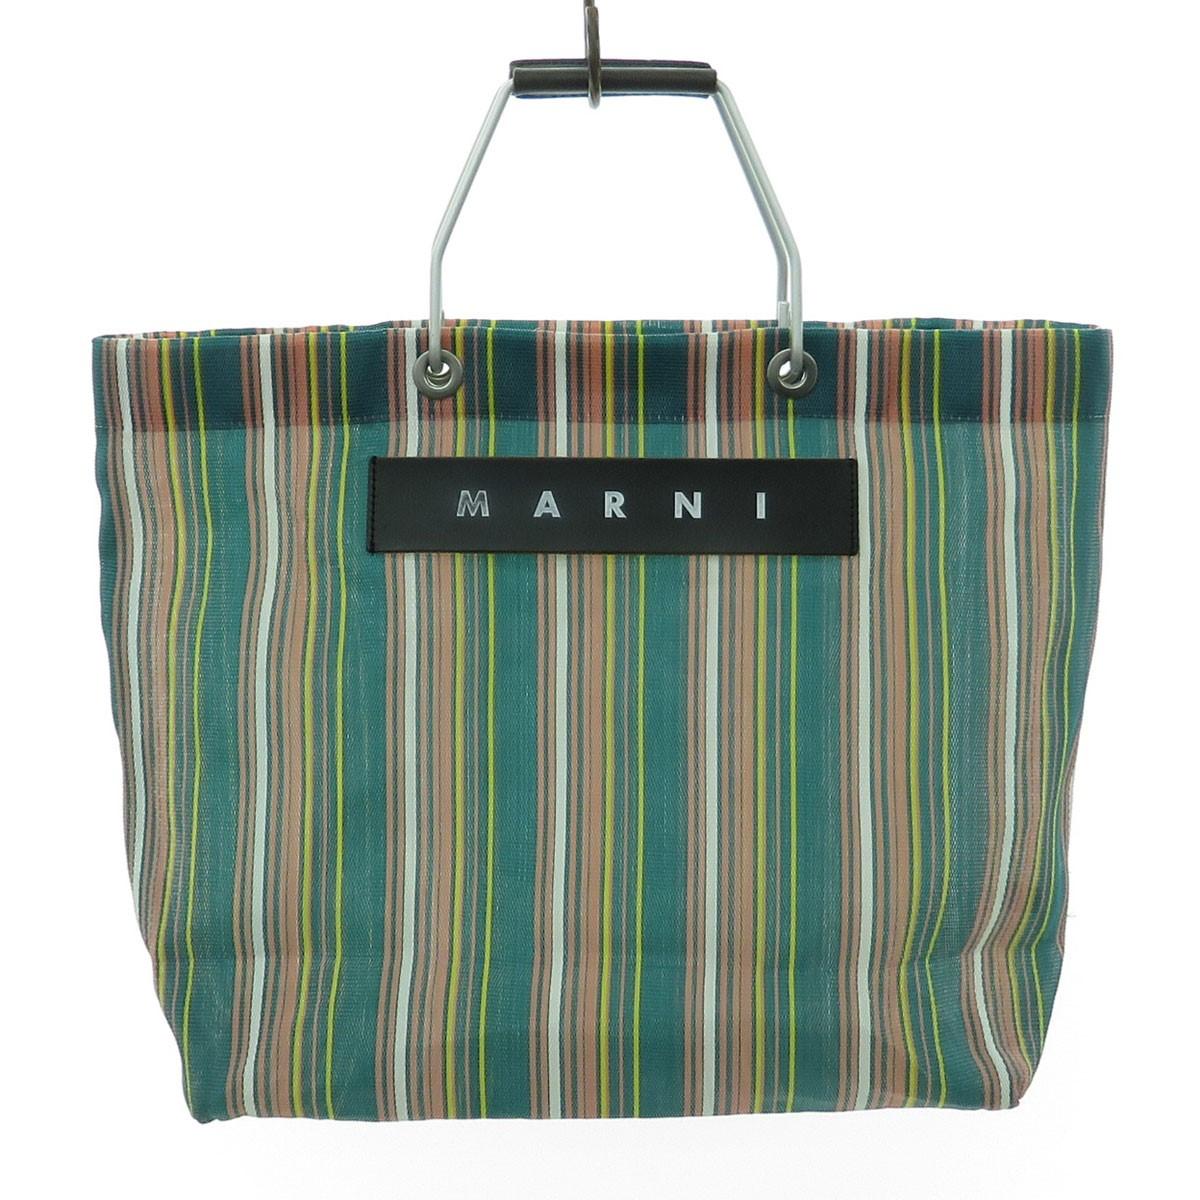 【中古】MARNI FLOWER CAFE トートバッグ フラワーカフェストライプ グリーン 【071119】(マルニ)